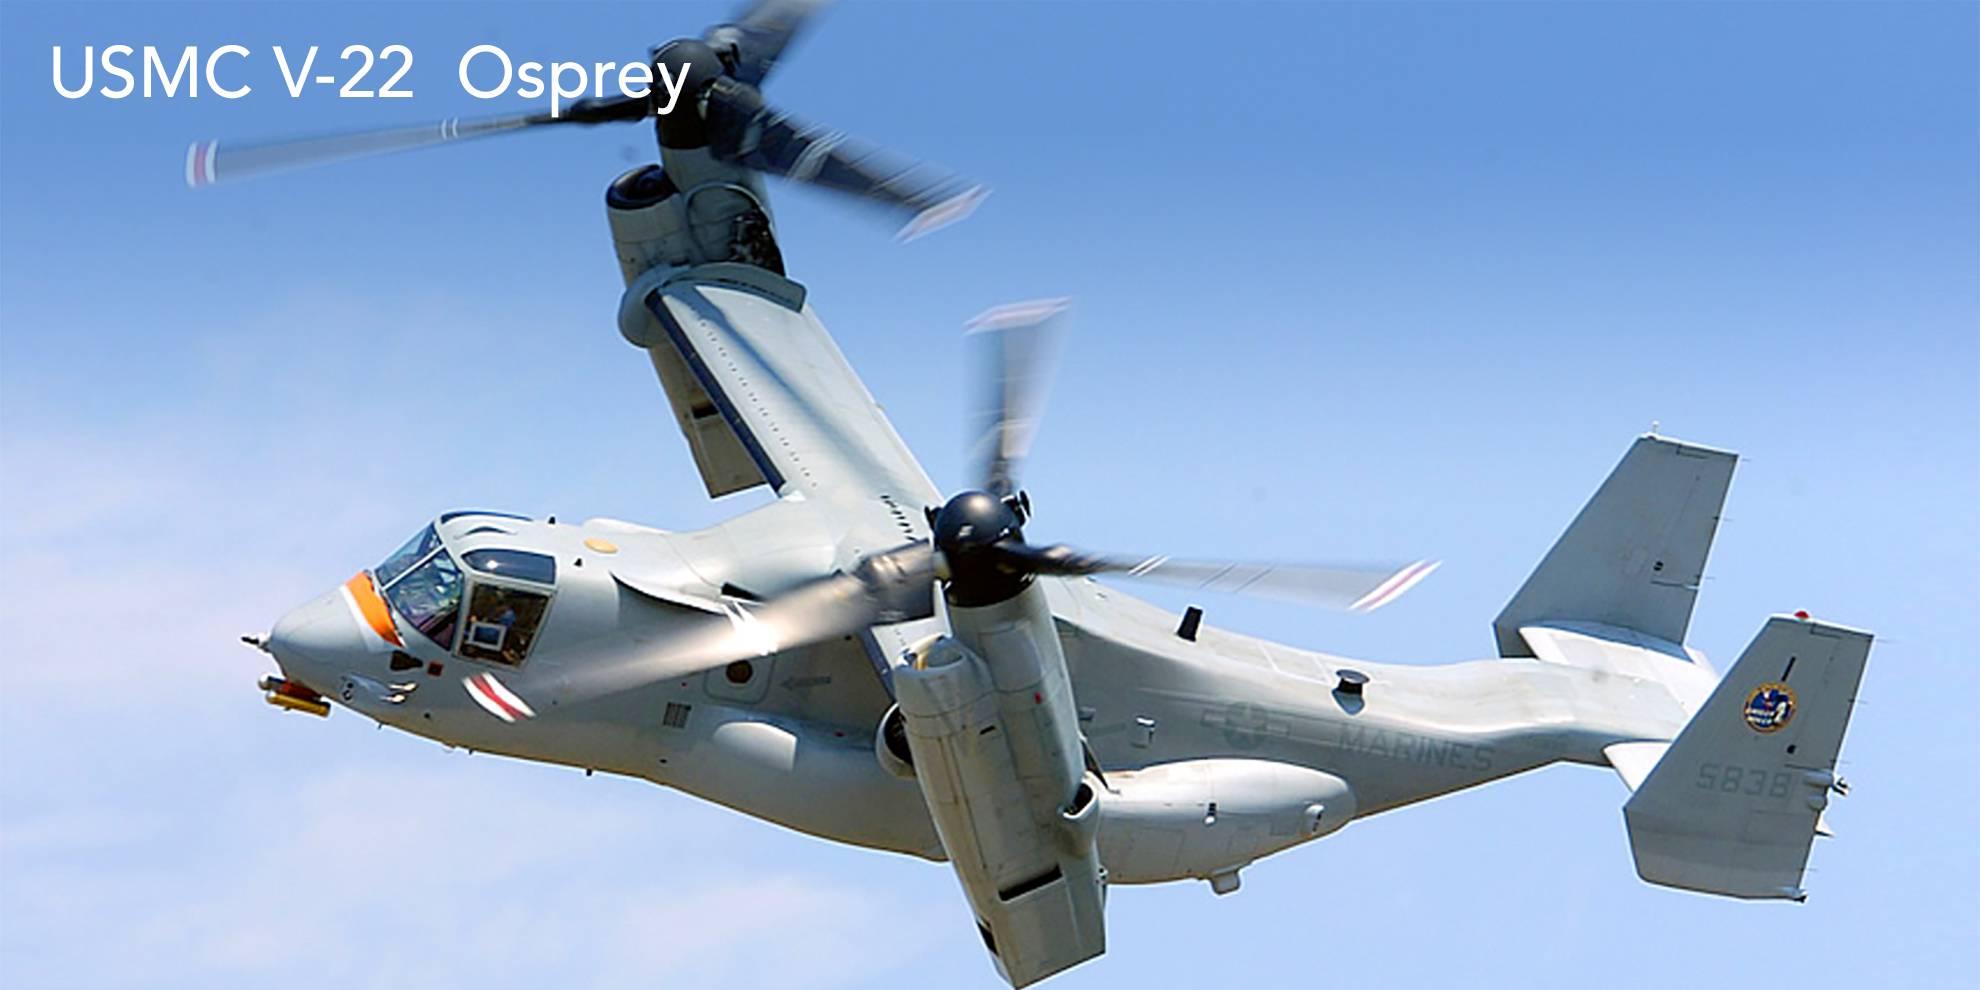 USMC V-22 Osprey